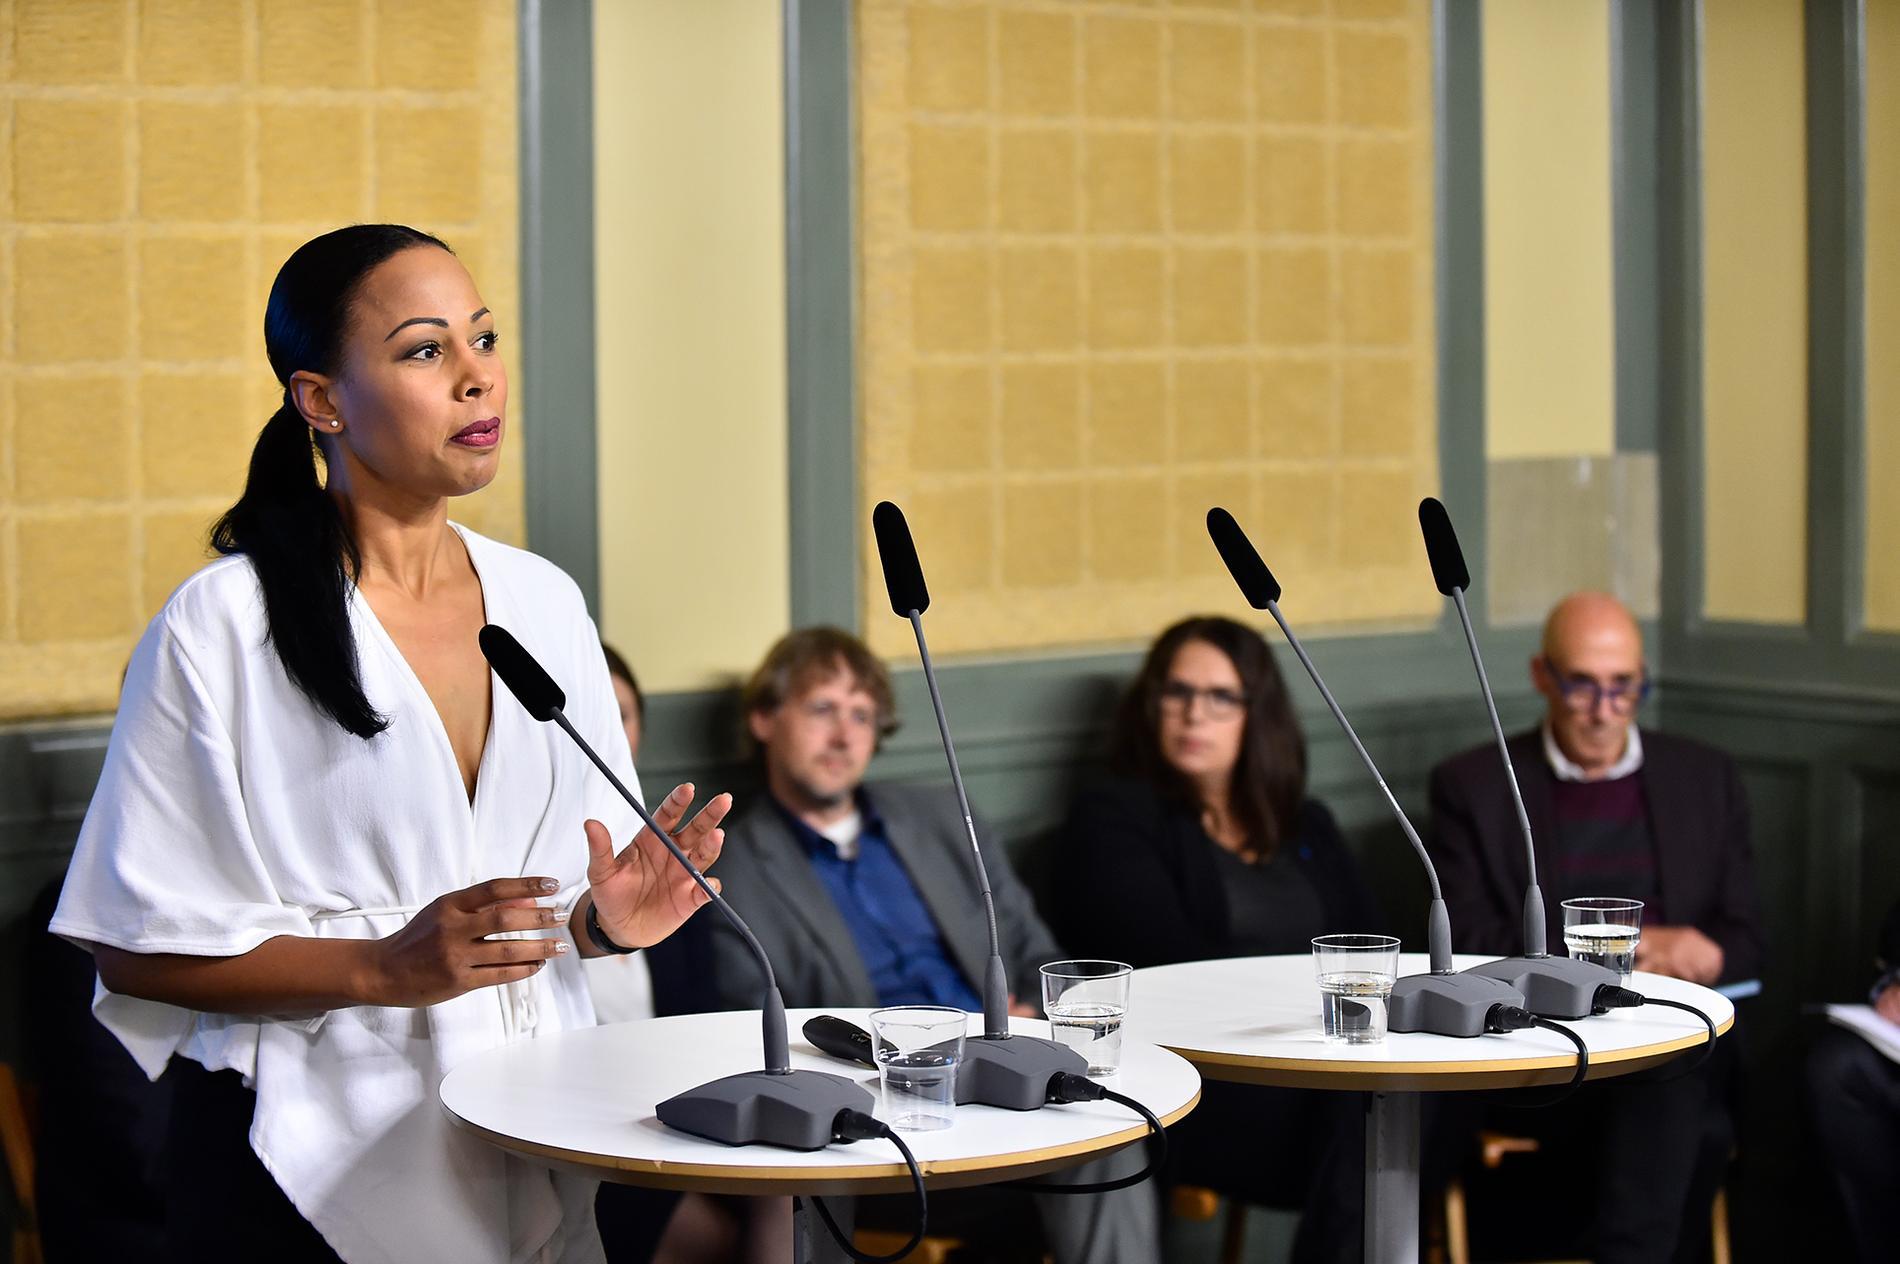 Kultur- och demokratiminister Alice Bah Kuhnke (MP) tar emot den parlamentariska public service-kommitténs delbetänkande om nytt finansieringssystem för radio och tv.